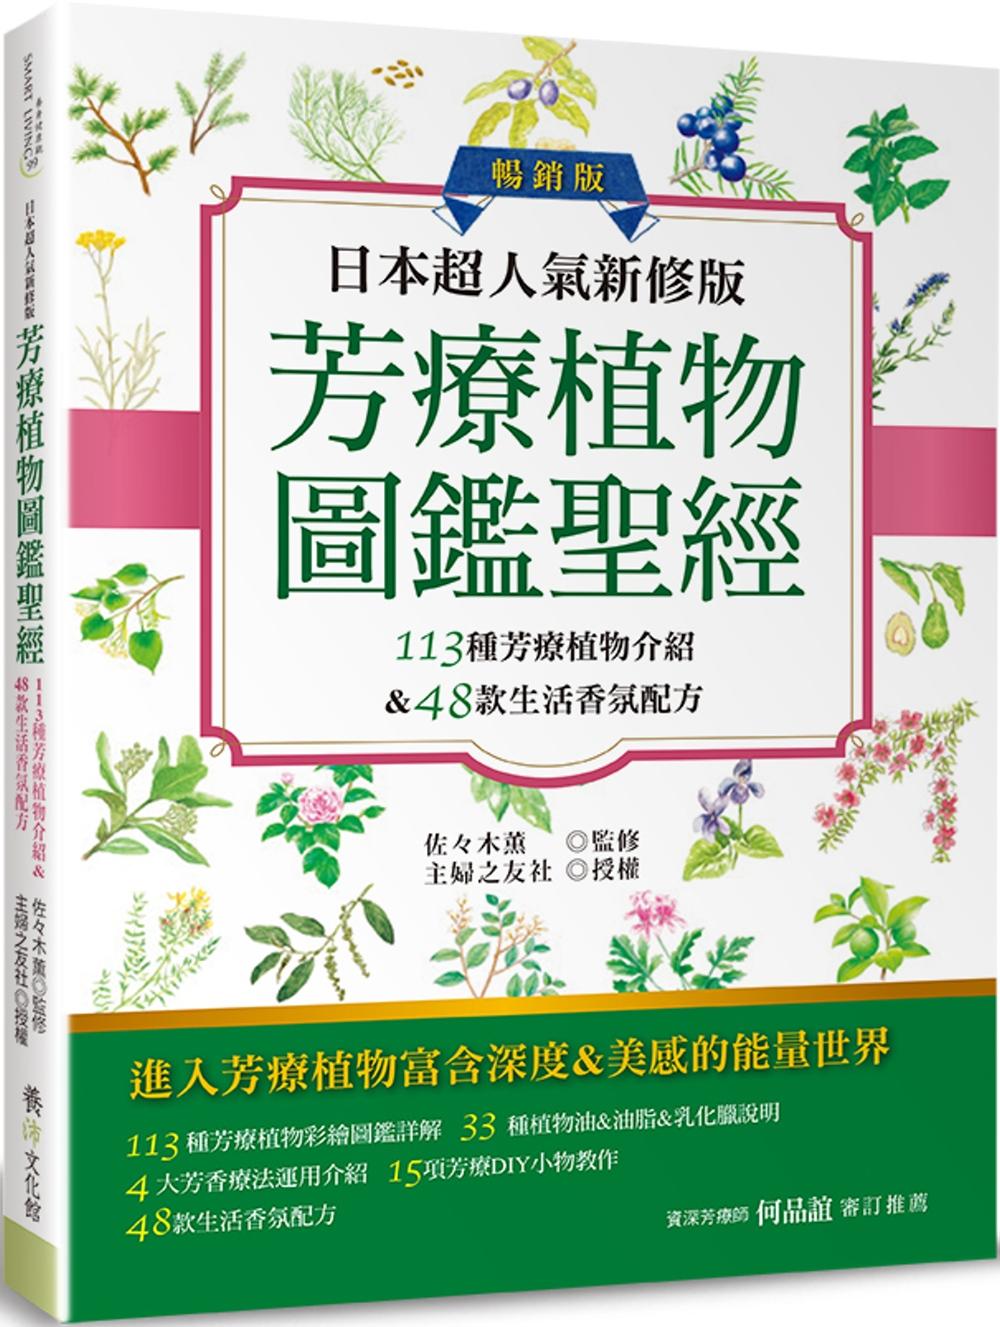 日本超人氣新修版 芳療植物圖鑑聖經(暢銷版):113種彩繪芳療植物介紹&48款生活香氛配方收錄